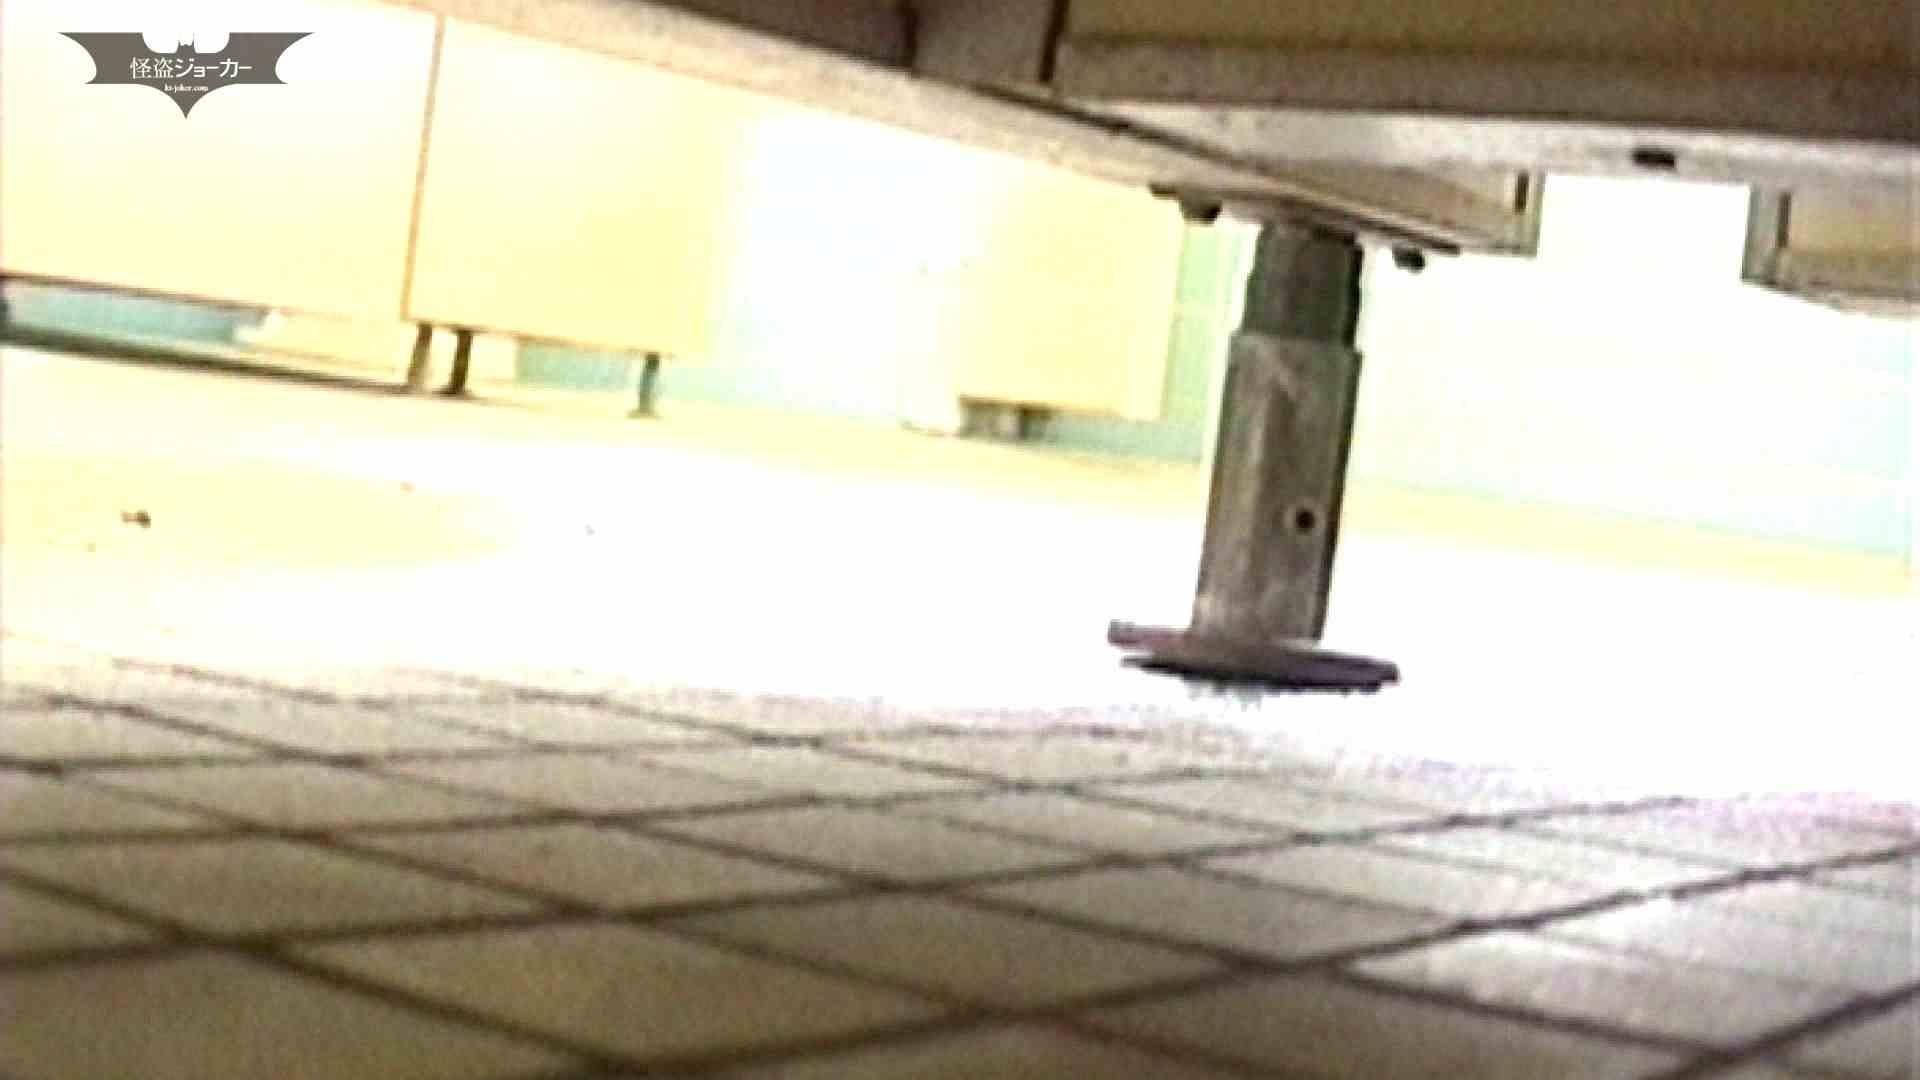 女の子の休み時間のひととき Vol.05 OLのボディ   学校潜入  107PIX 97